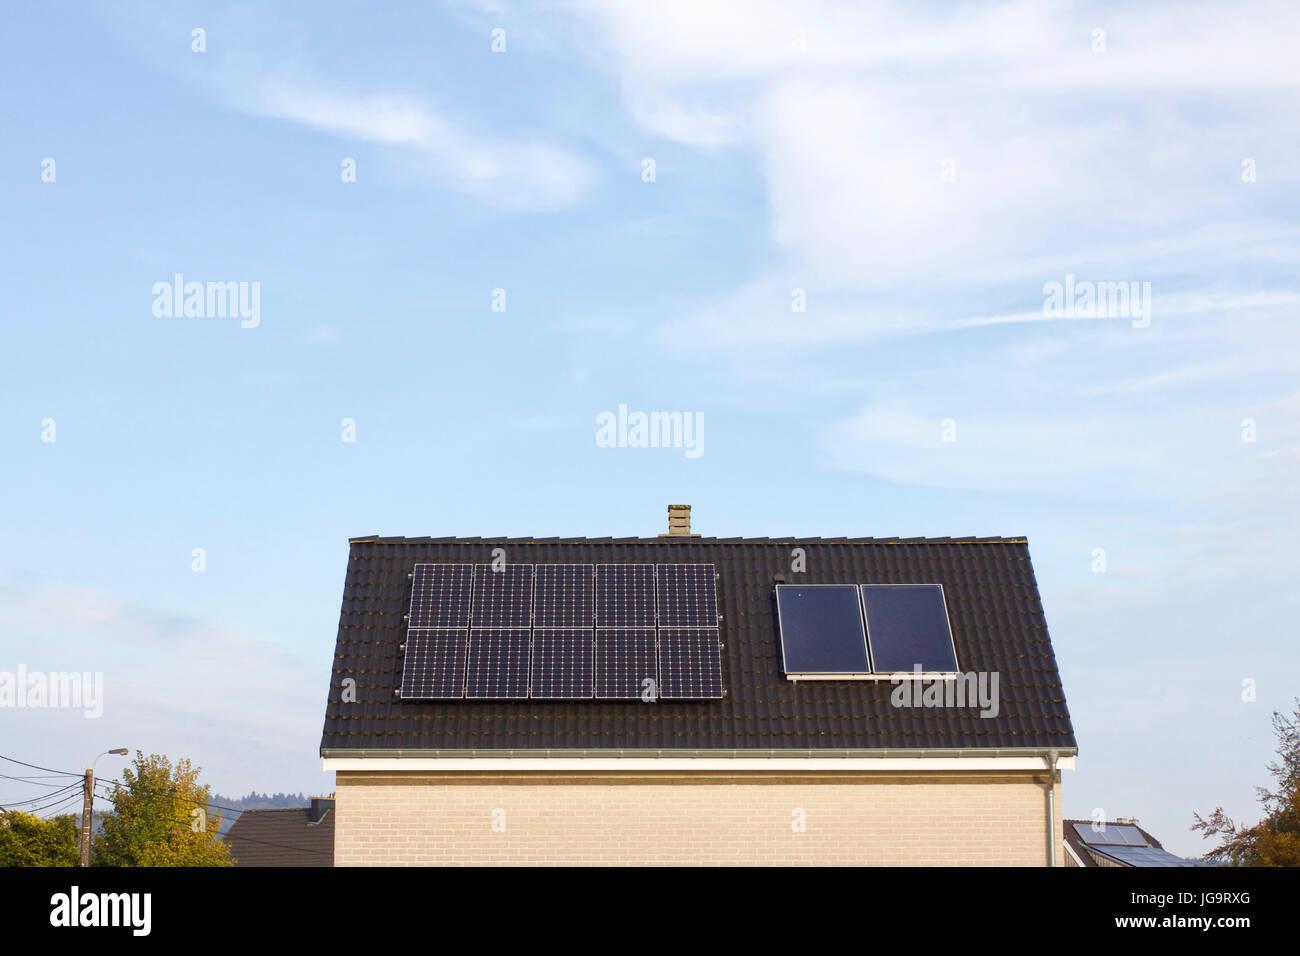 Modernes Haus Mit Solar Panel Dach, Blauer Himmel Und Wolken Im Hintergrund